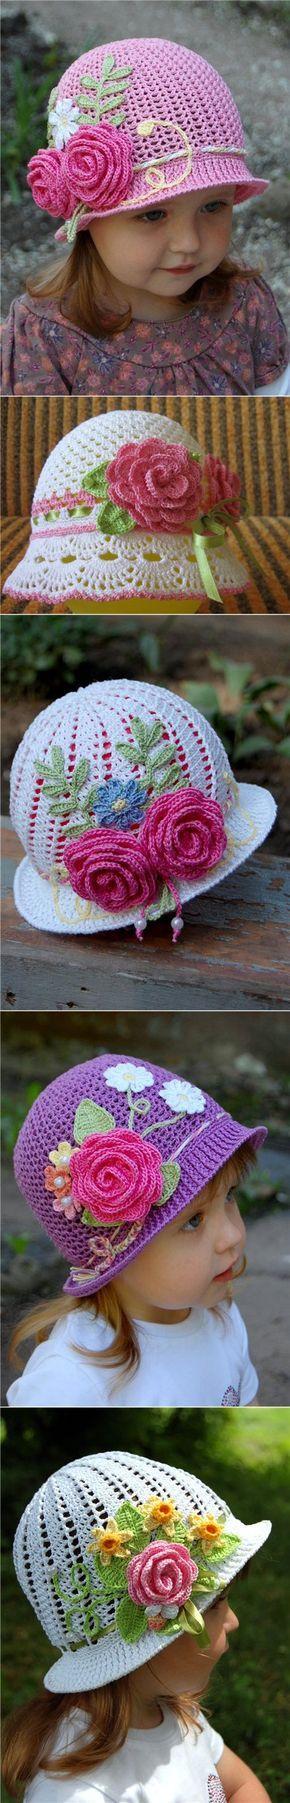 Las panameñas veraniegas infantiles por el gancho. El sombrero de señora la panameña para la muchacha por el gancho | Todo sobre la costura: los esquemas, el maestro las clases, la idea en el sitio labhousehold.com